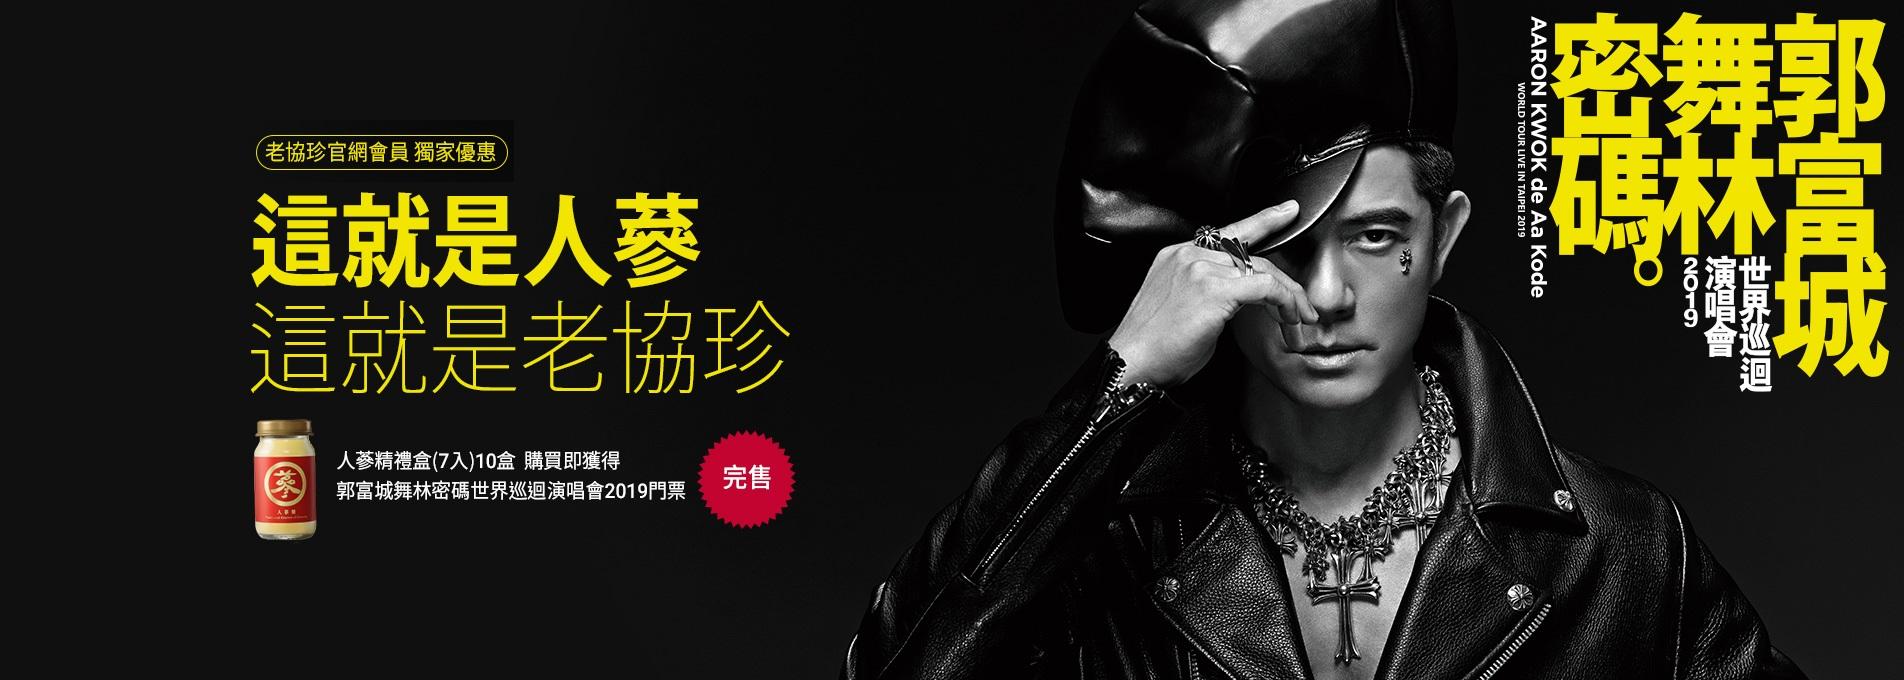 老協珍x郭富城演唱會限量組合_人蔘精禮盒(7入)20盒